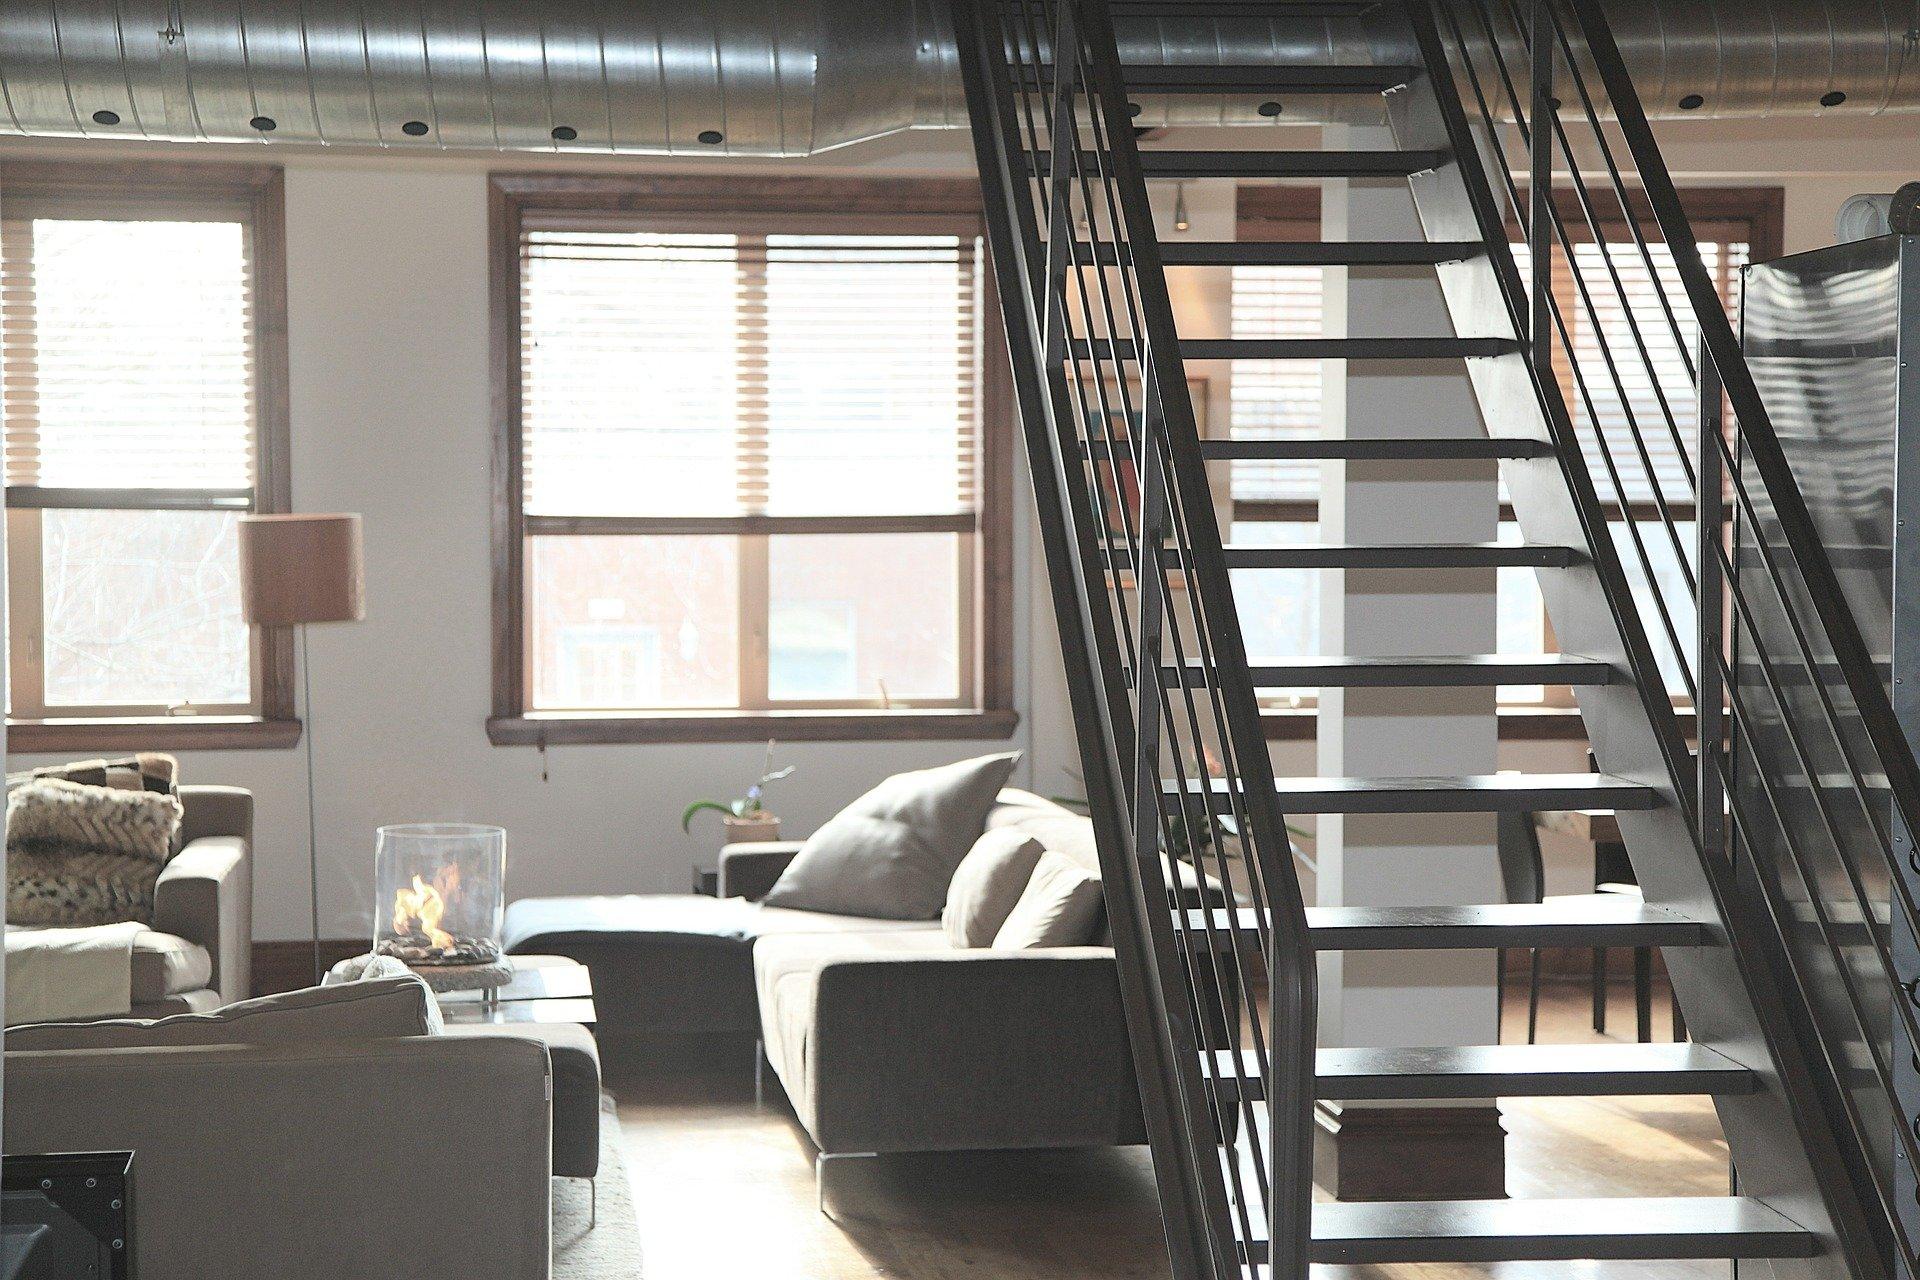 Trouvez l'escalier idéal pour votre intérieur